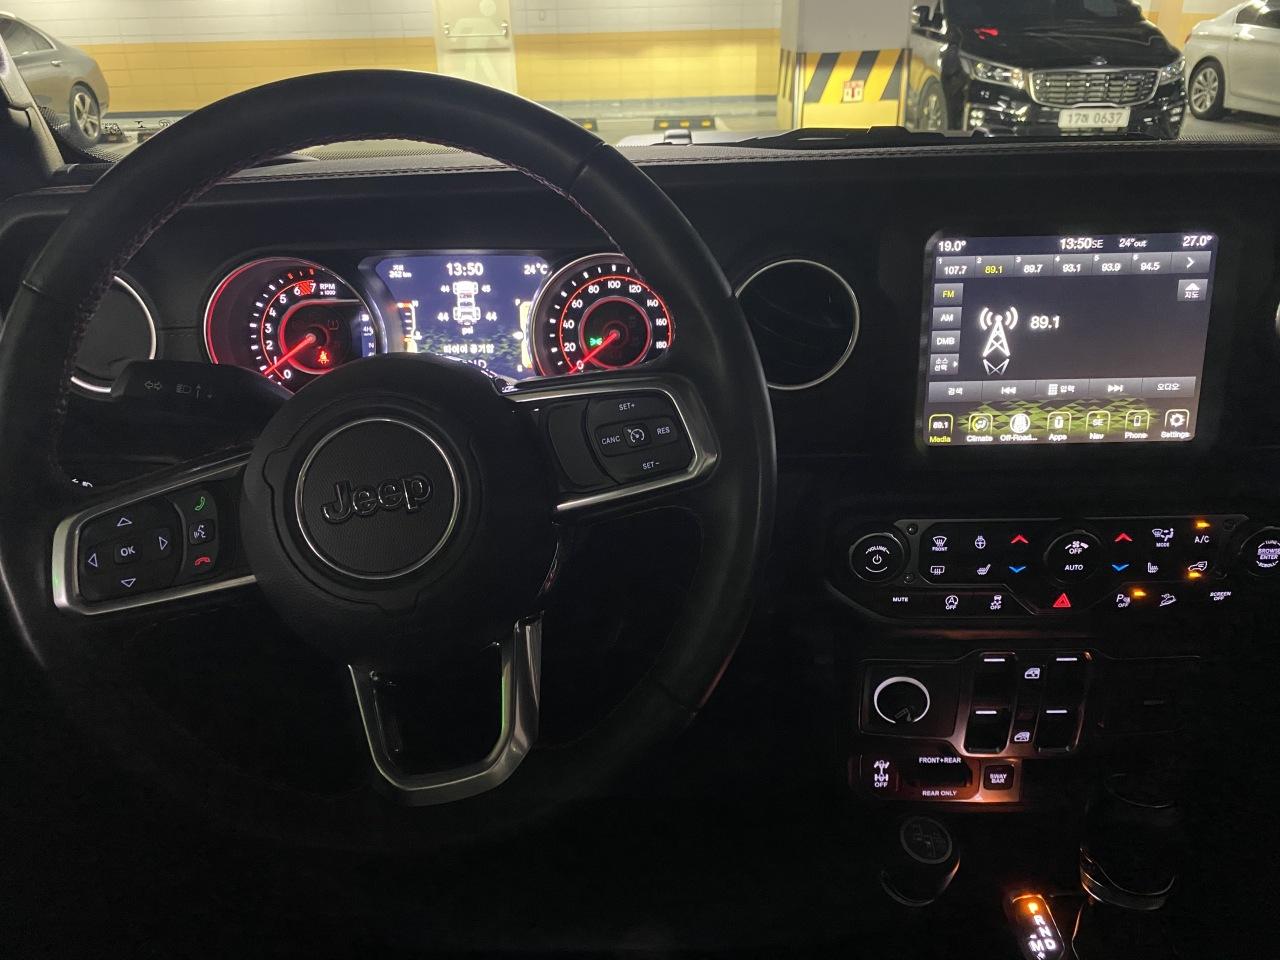 Jeep Wrangler Rubicon Recon Edition (Jo He-rim/The Korea Herald)